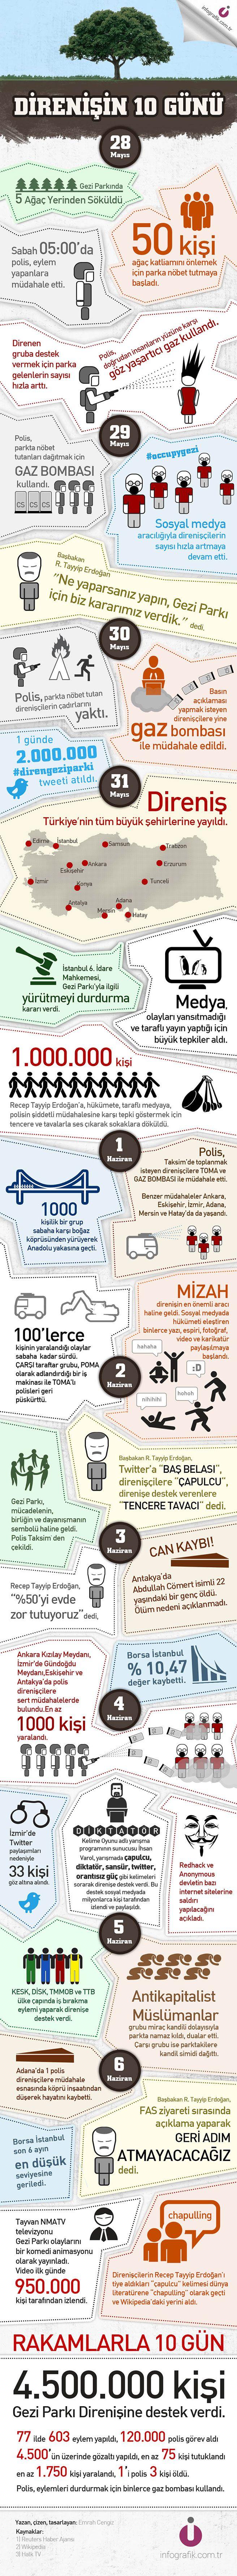 Gezi Parkı Direnişinin 10 Günü #occupygezi #direngeziparki #occupyturkey